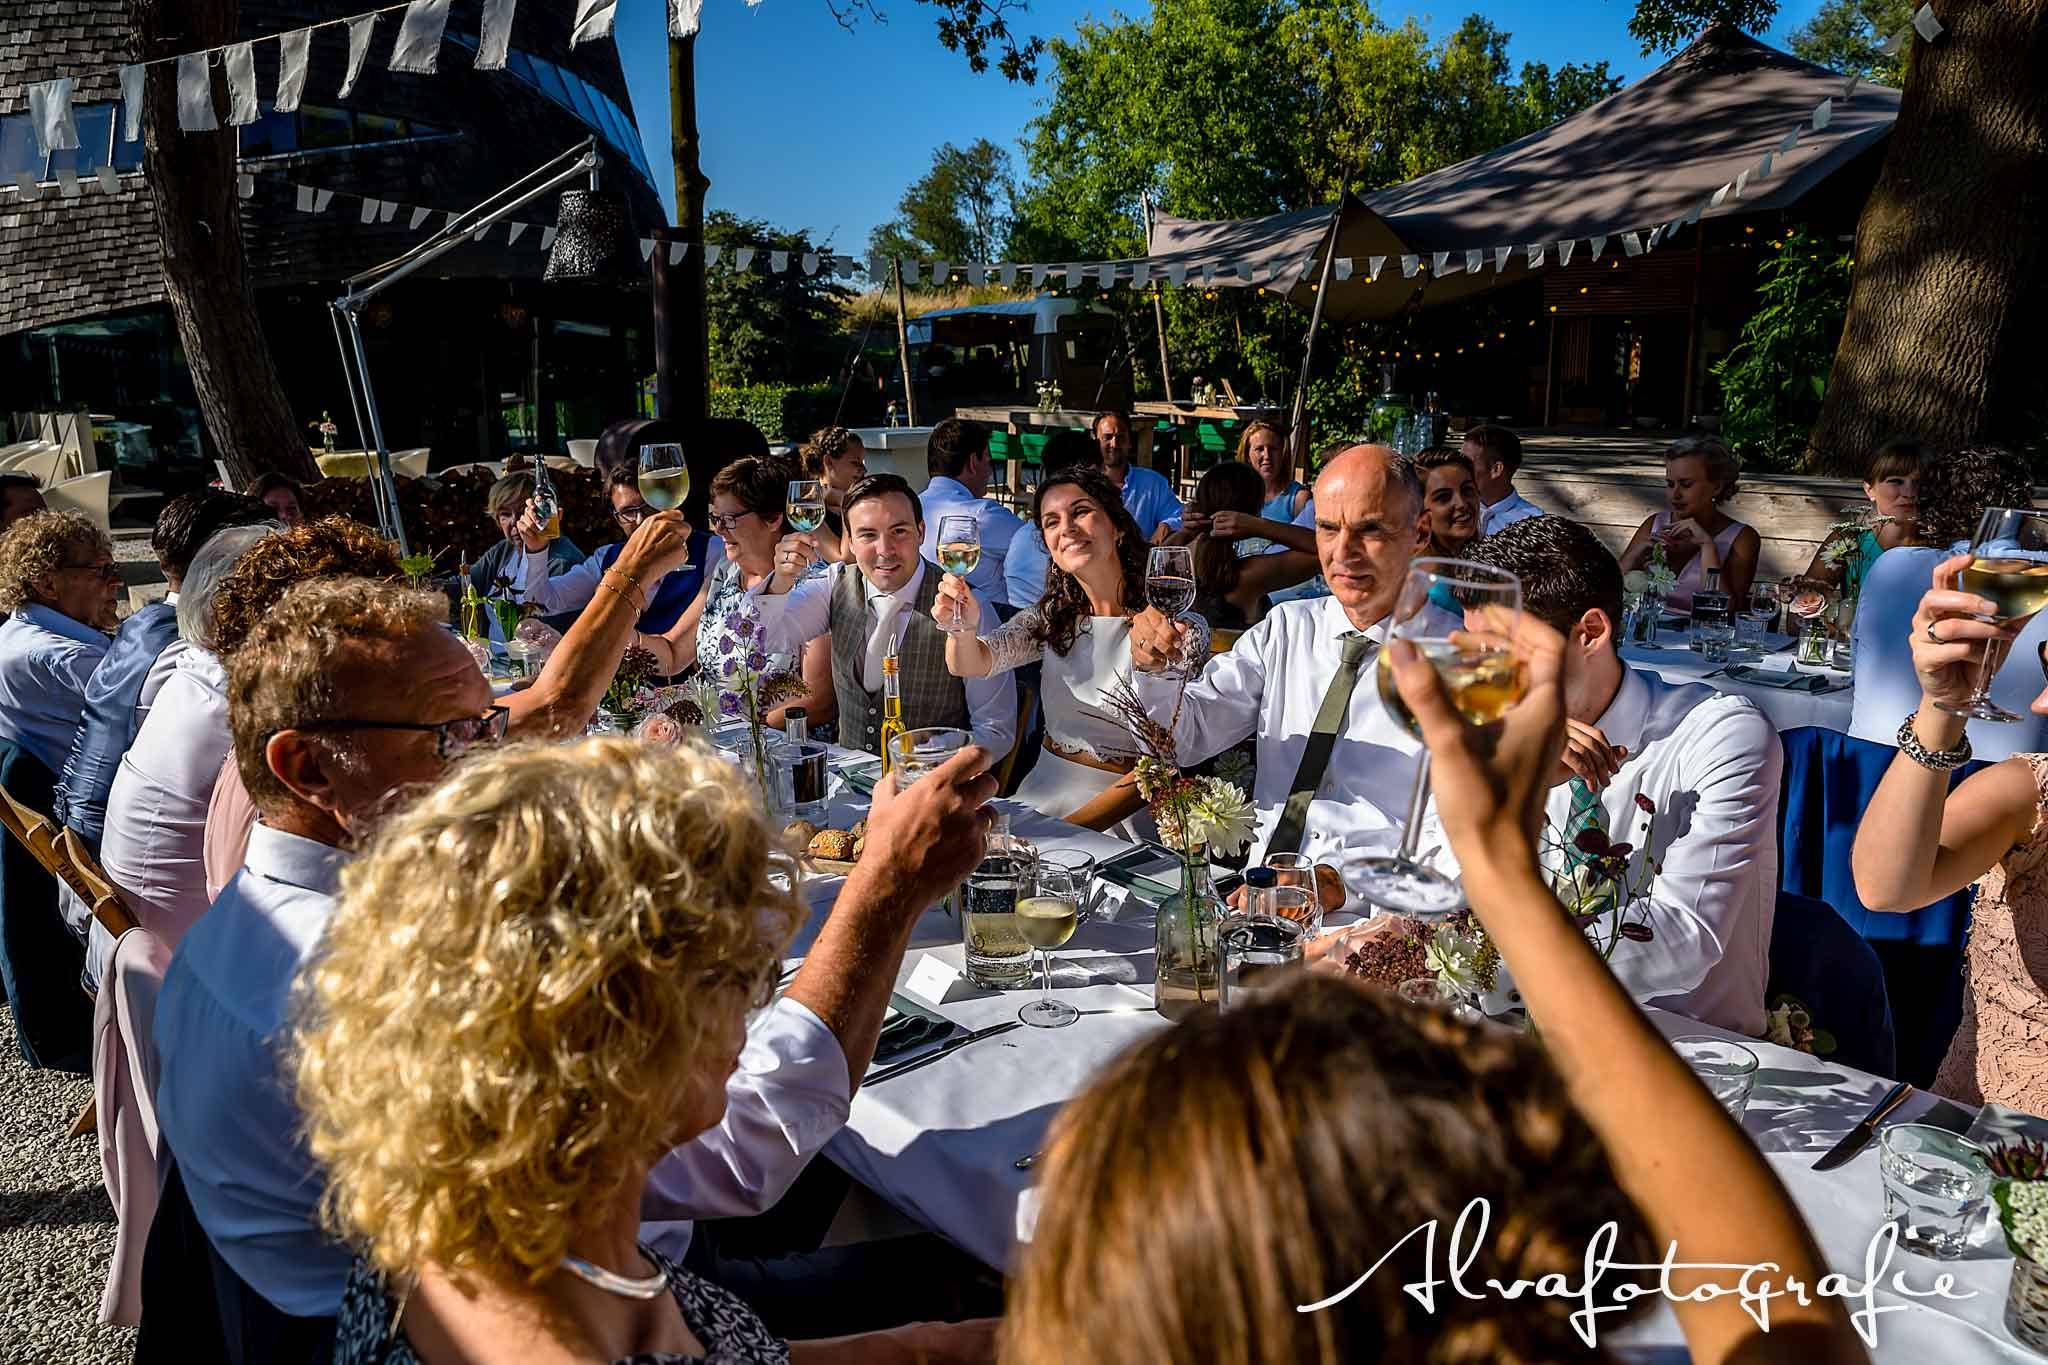 Bruiloft Maren en Tim Alvafotografie toosten bij diner Paviljoen Puur buiten